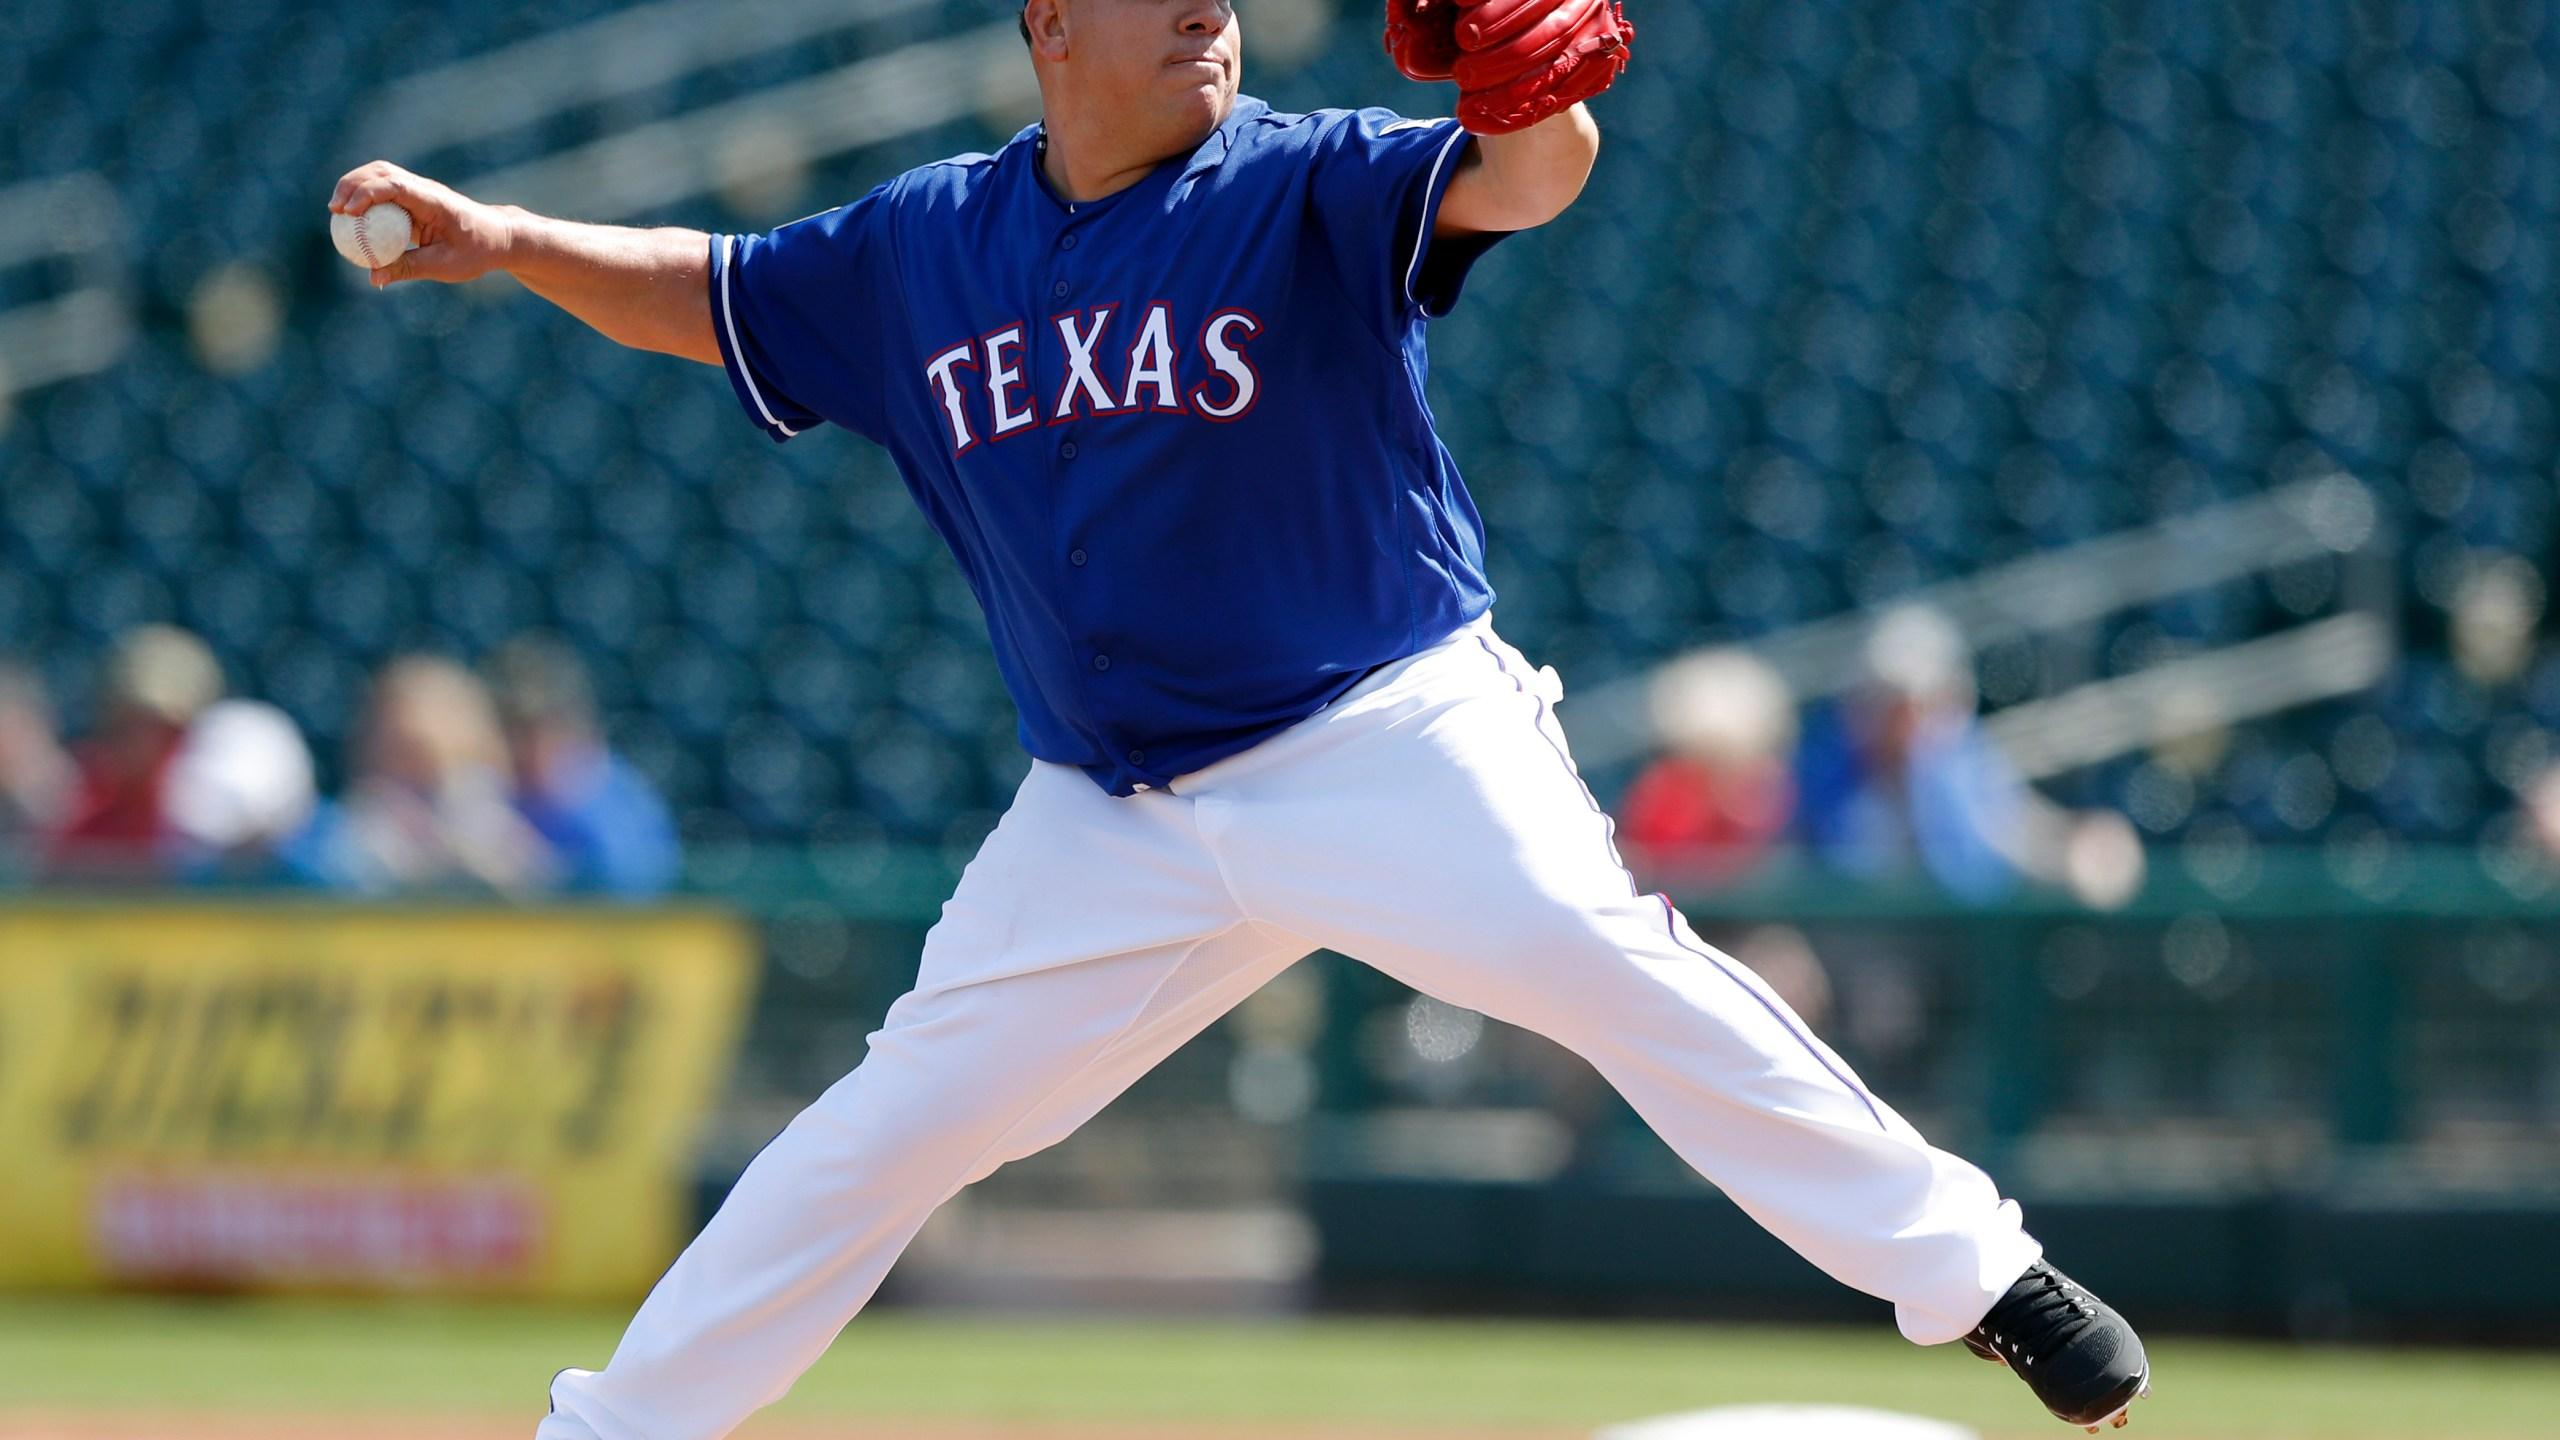 Padres_Rangers_Spring_Baseball_48037-159532-159532.jpg01529941